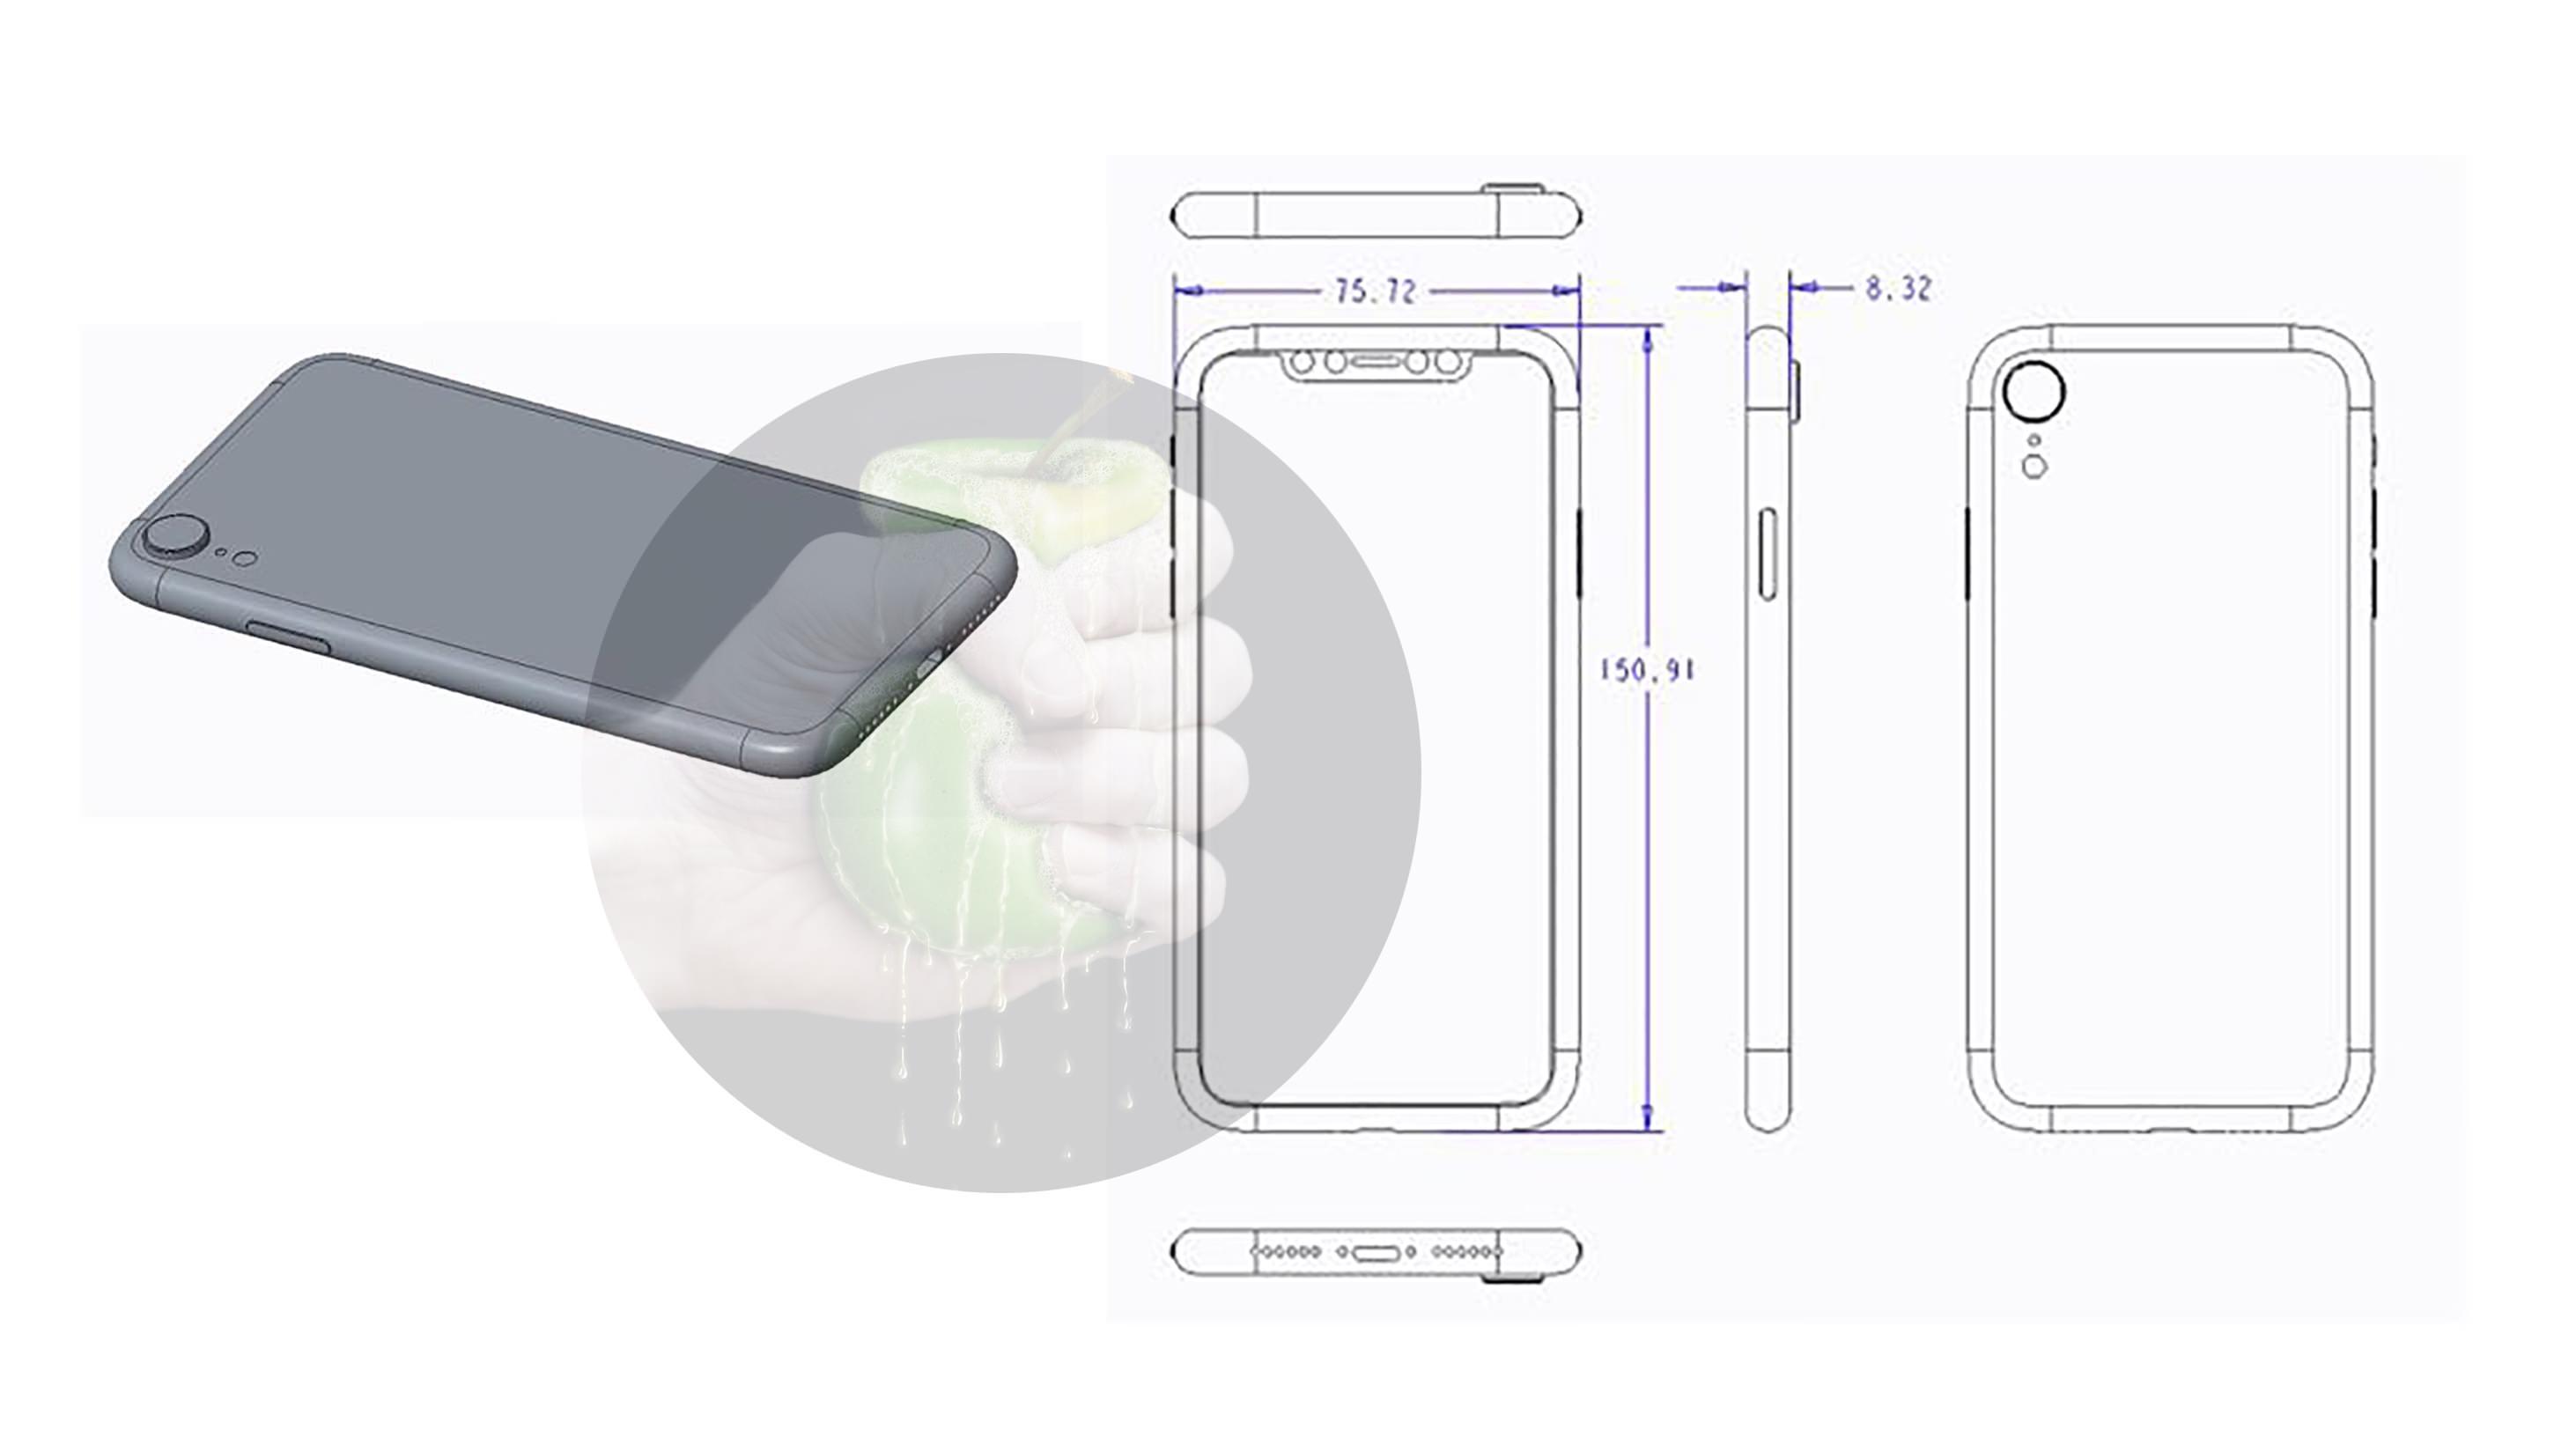 الرسم الفني لجهاز iPhone 6.1 المفترض